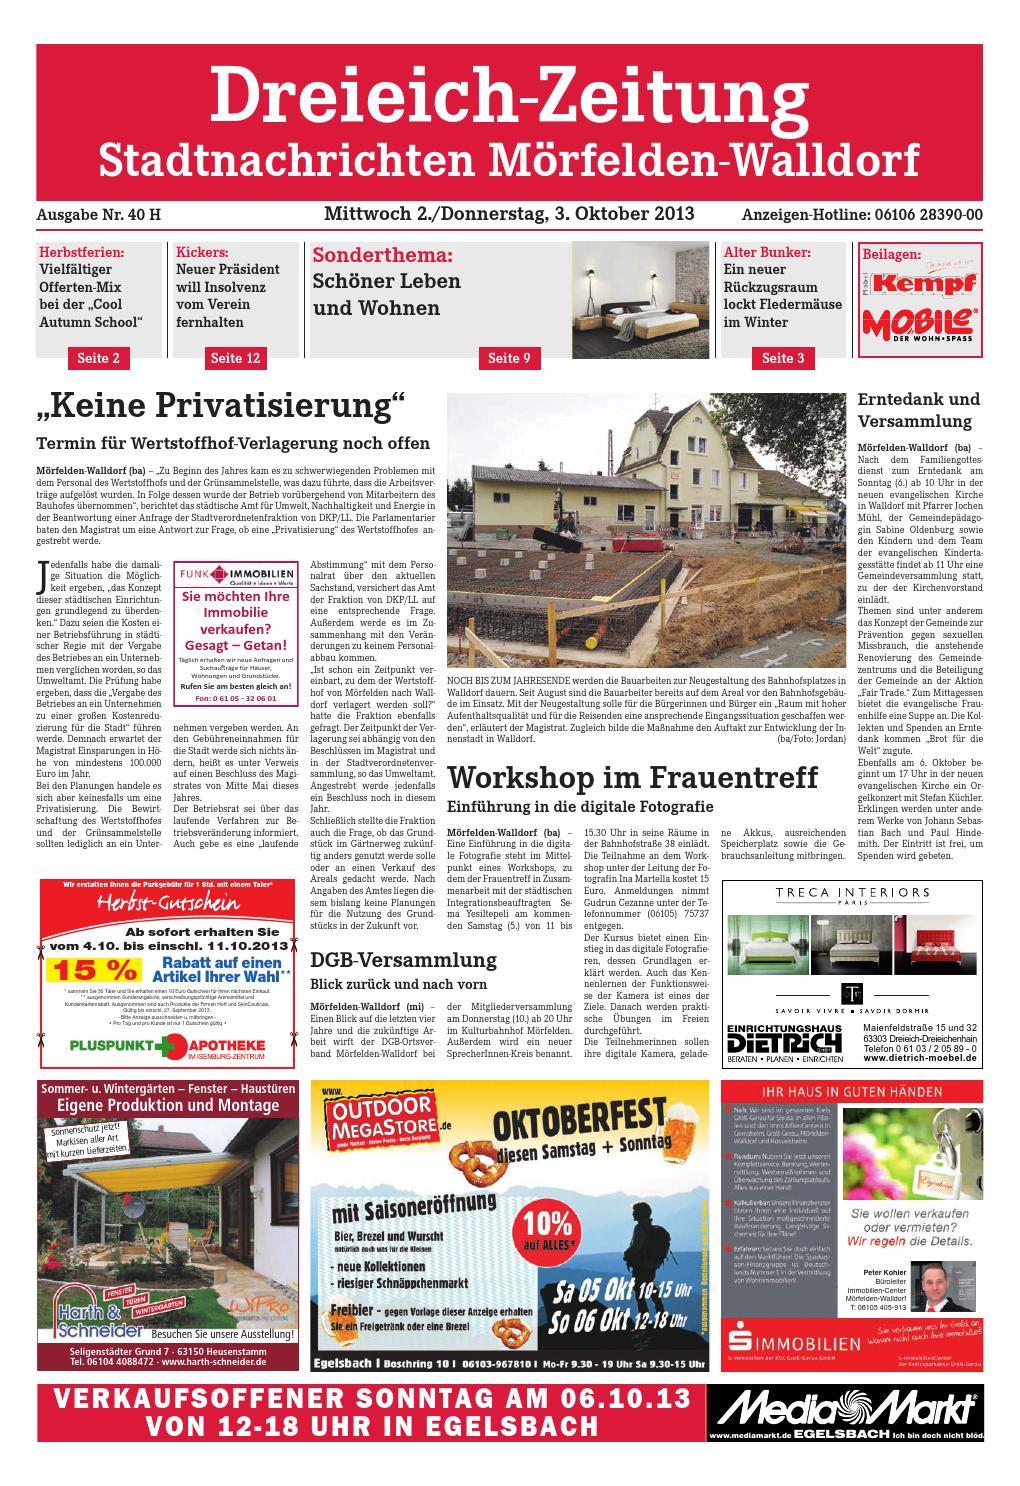 Dz online 040 13 h by Dreieich ZeitungOffenbach Journal issuu